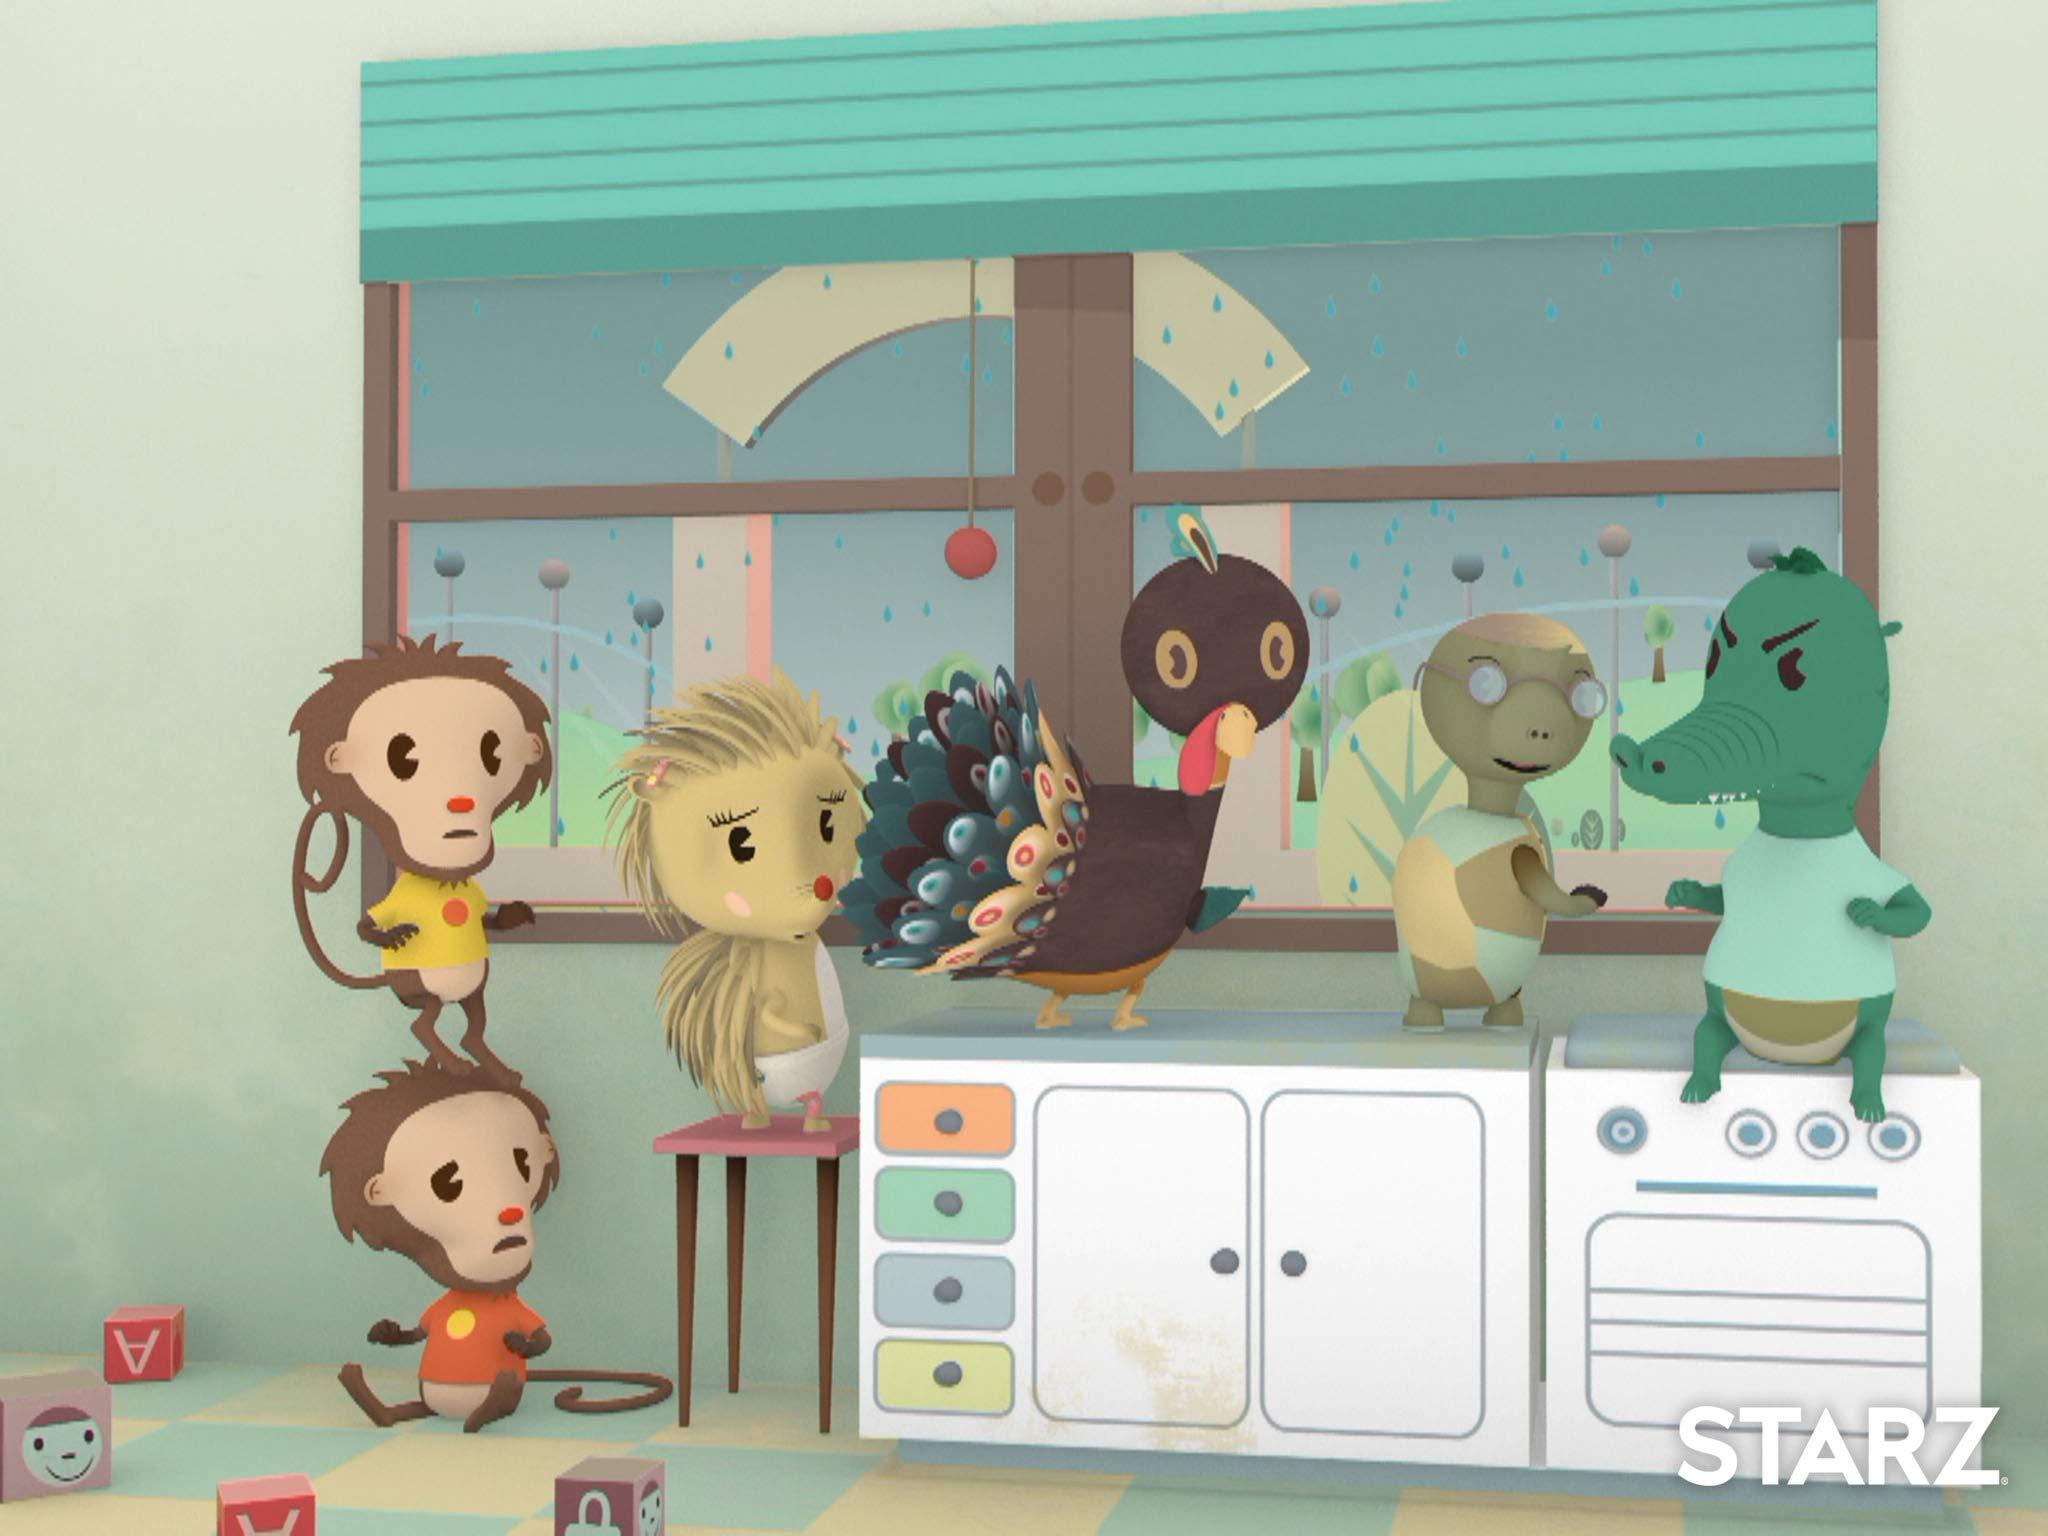 Amazon.com: Minimalitos: Annabel Gallardo, Ariel Cister, Lucia Baya Casal, Nicolas Couvin, Diego Cagide